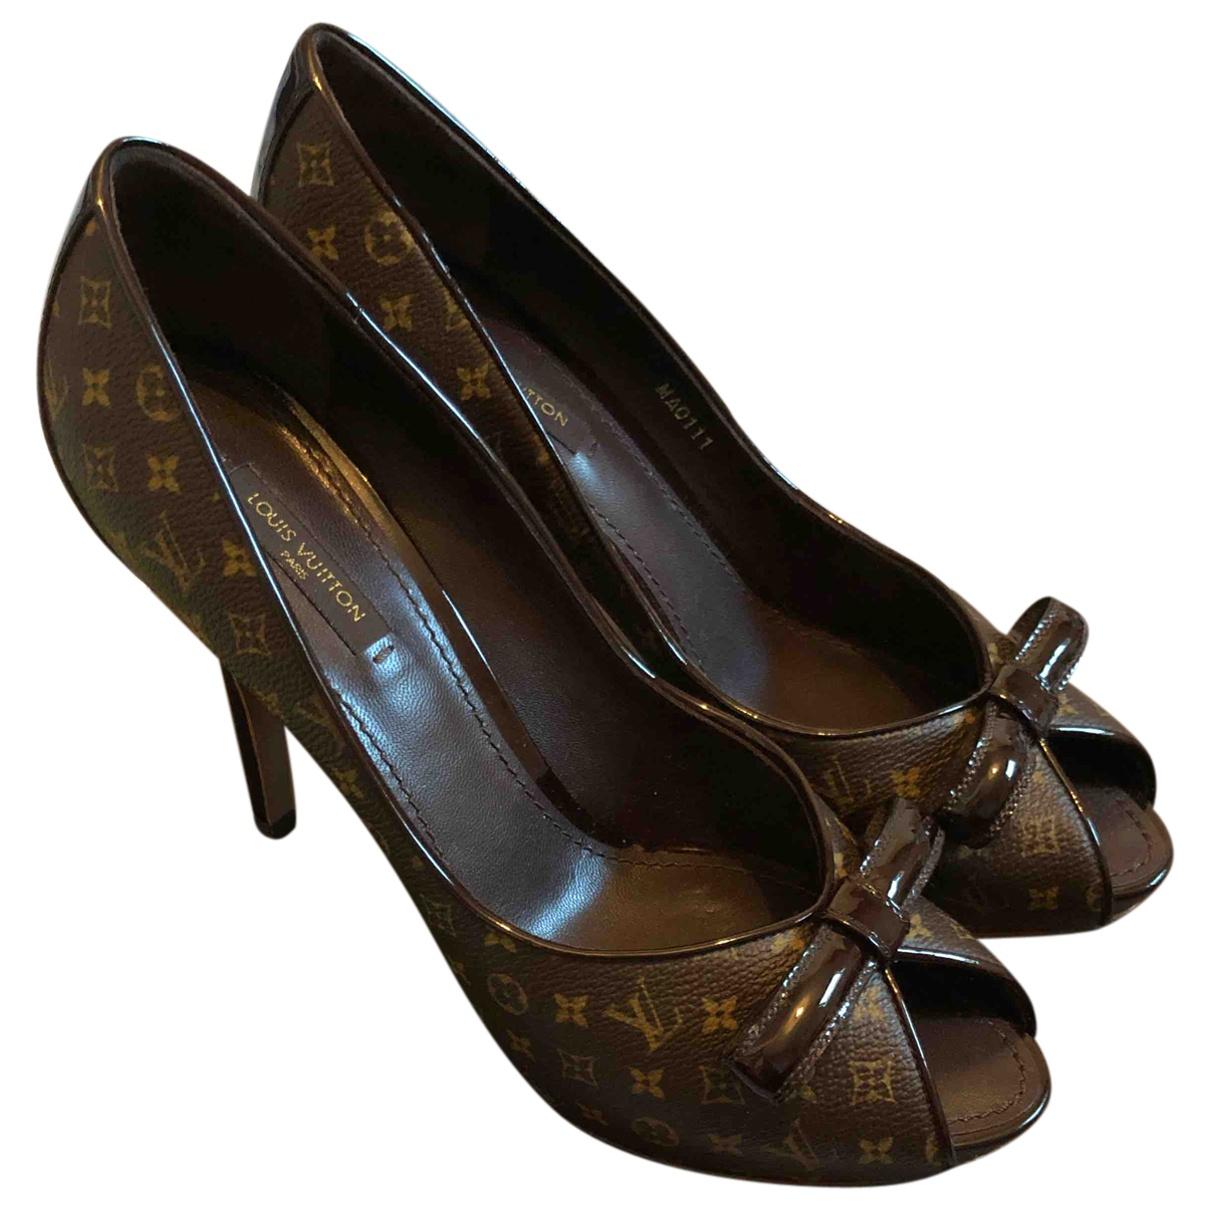 Louis Vuitton - Escarpins   pour femme en cuir - marron